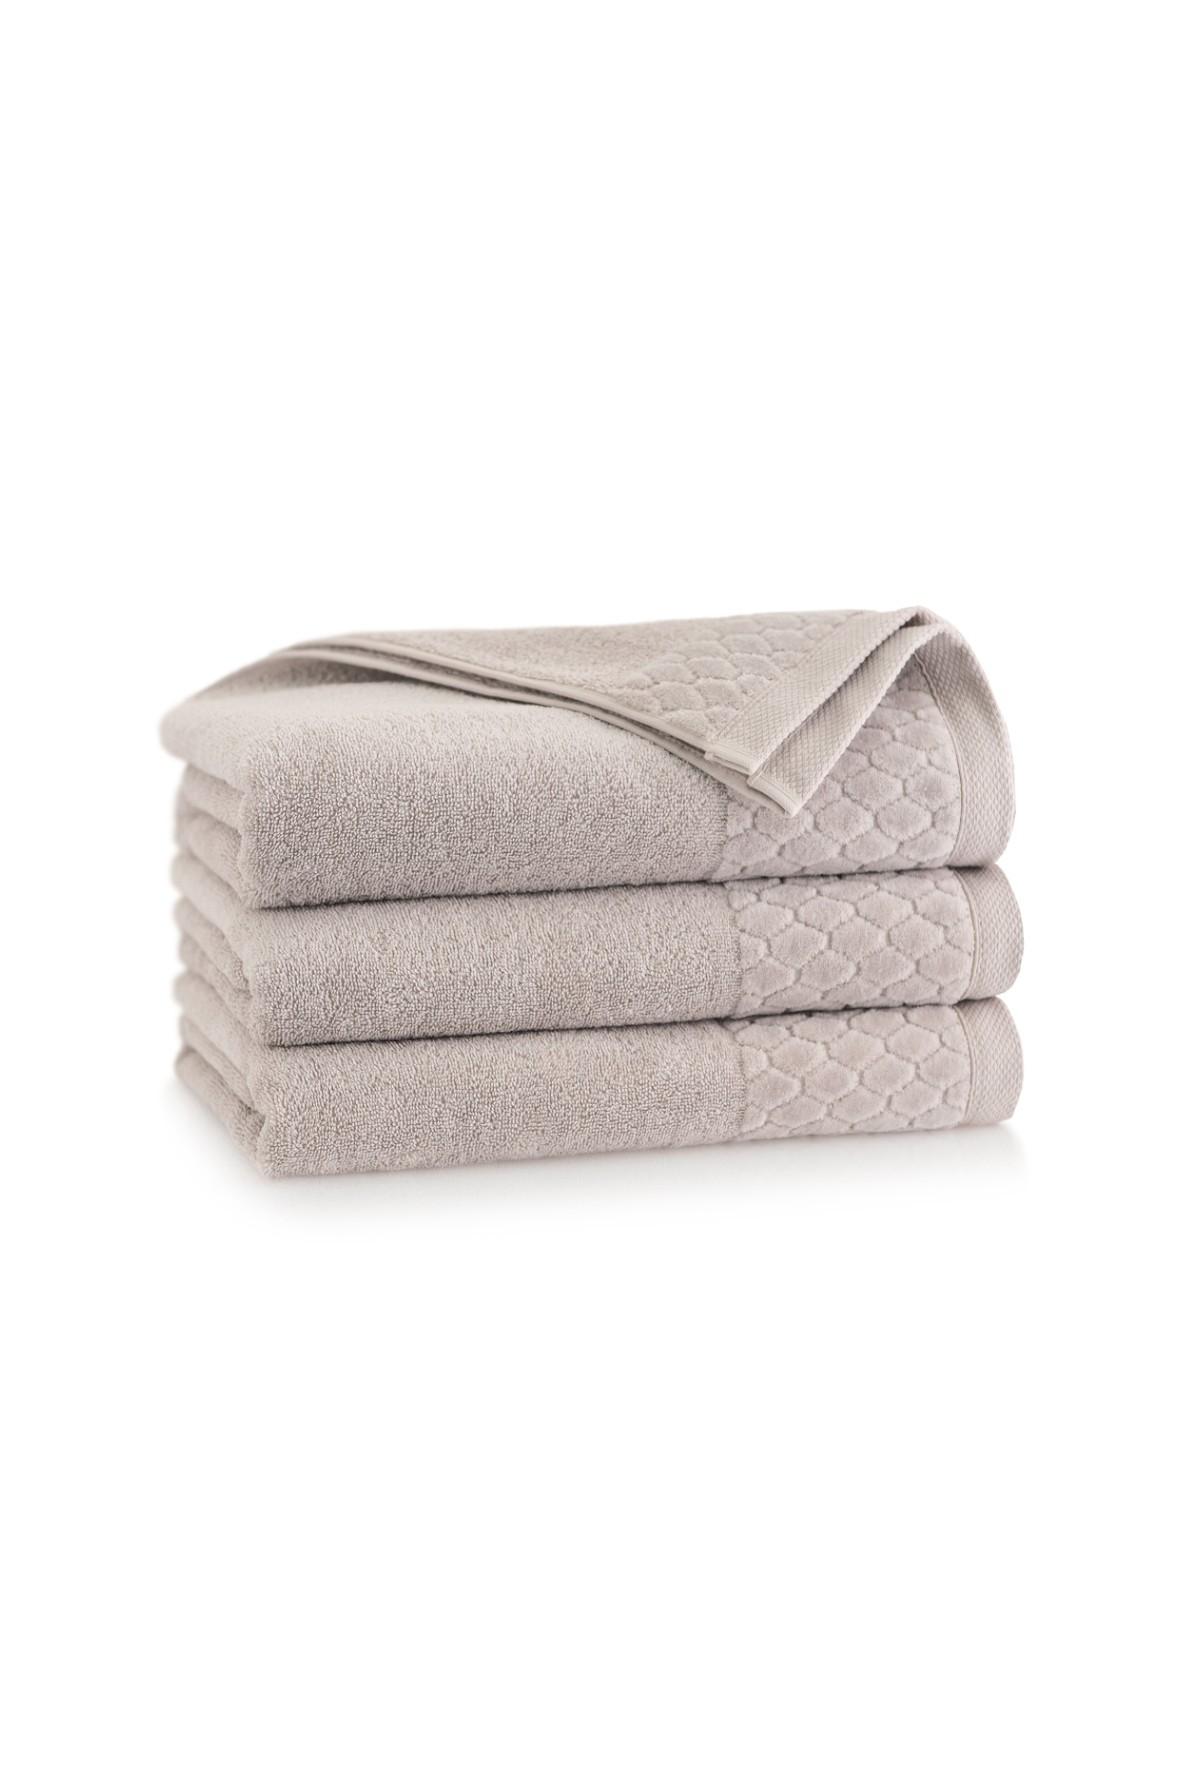 Ręcznik antybakteryjny Carlo z bawełny egipskiej sepia - 2pack 30x50cm